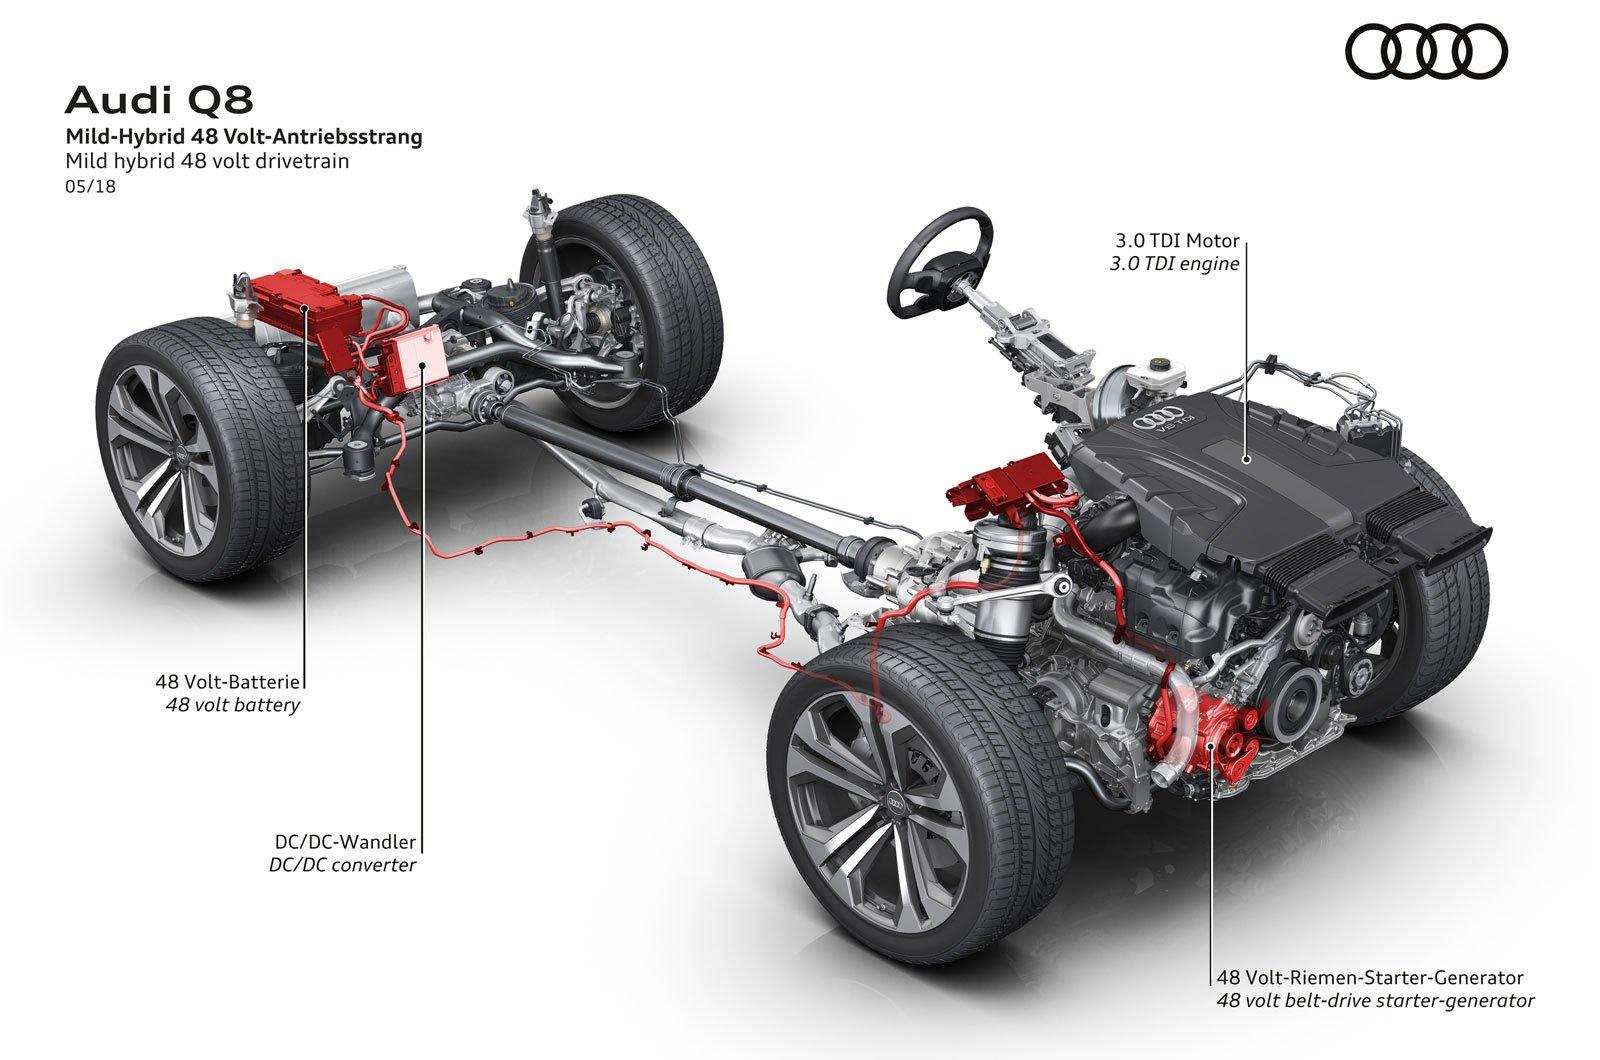 Audi Q8 mild hybrid system